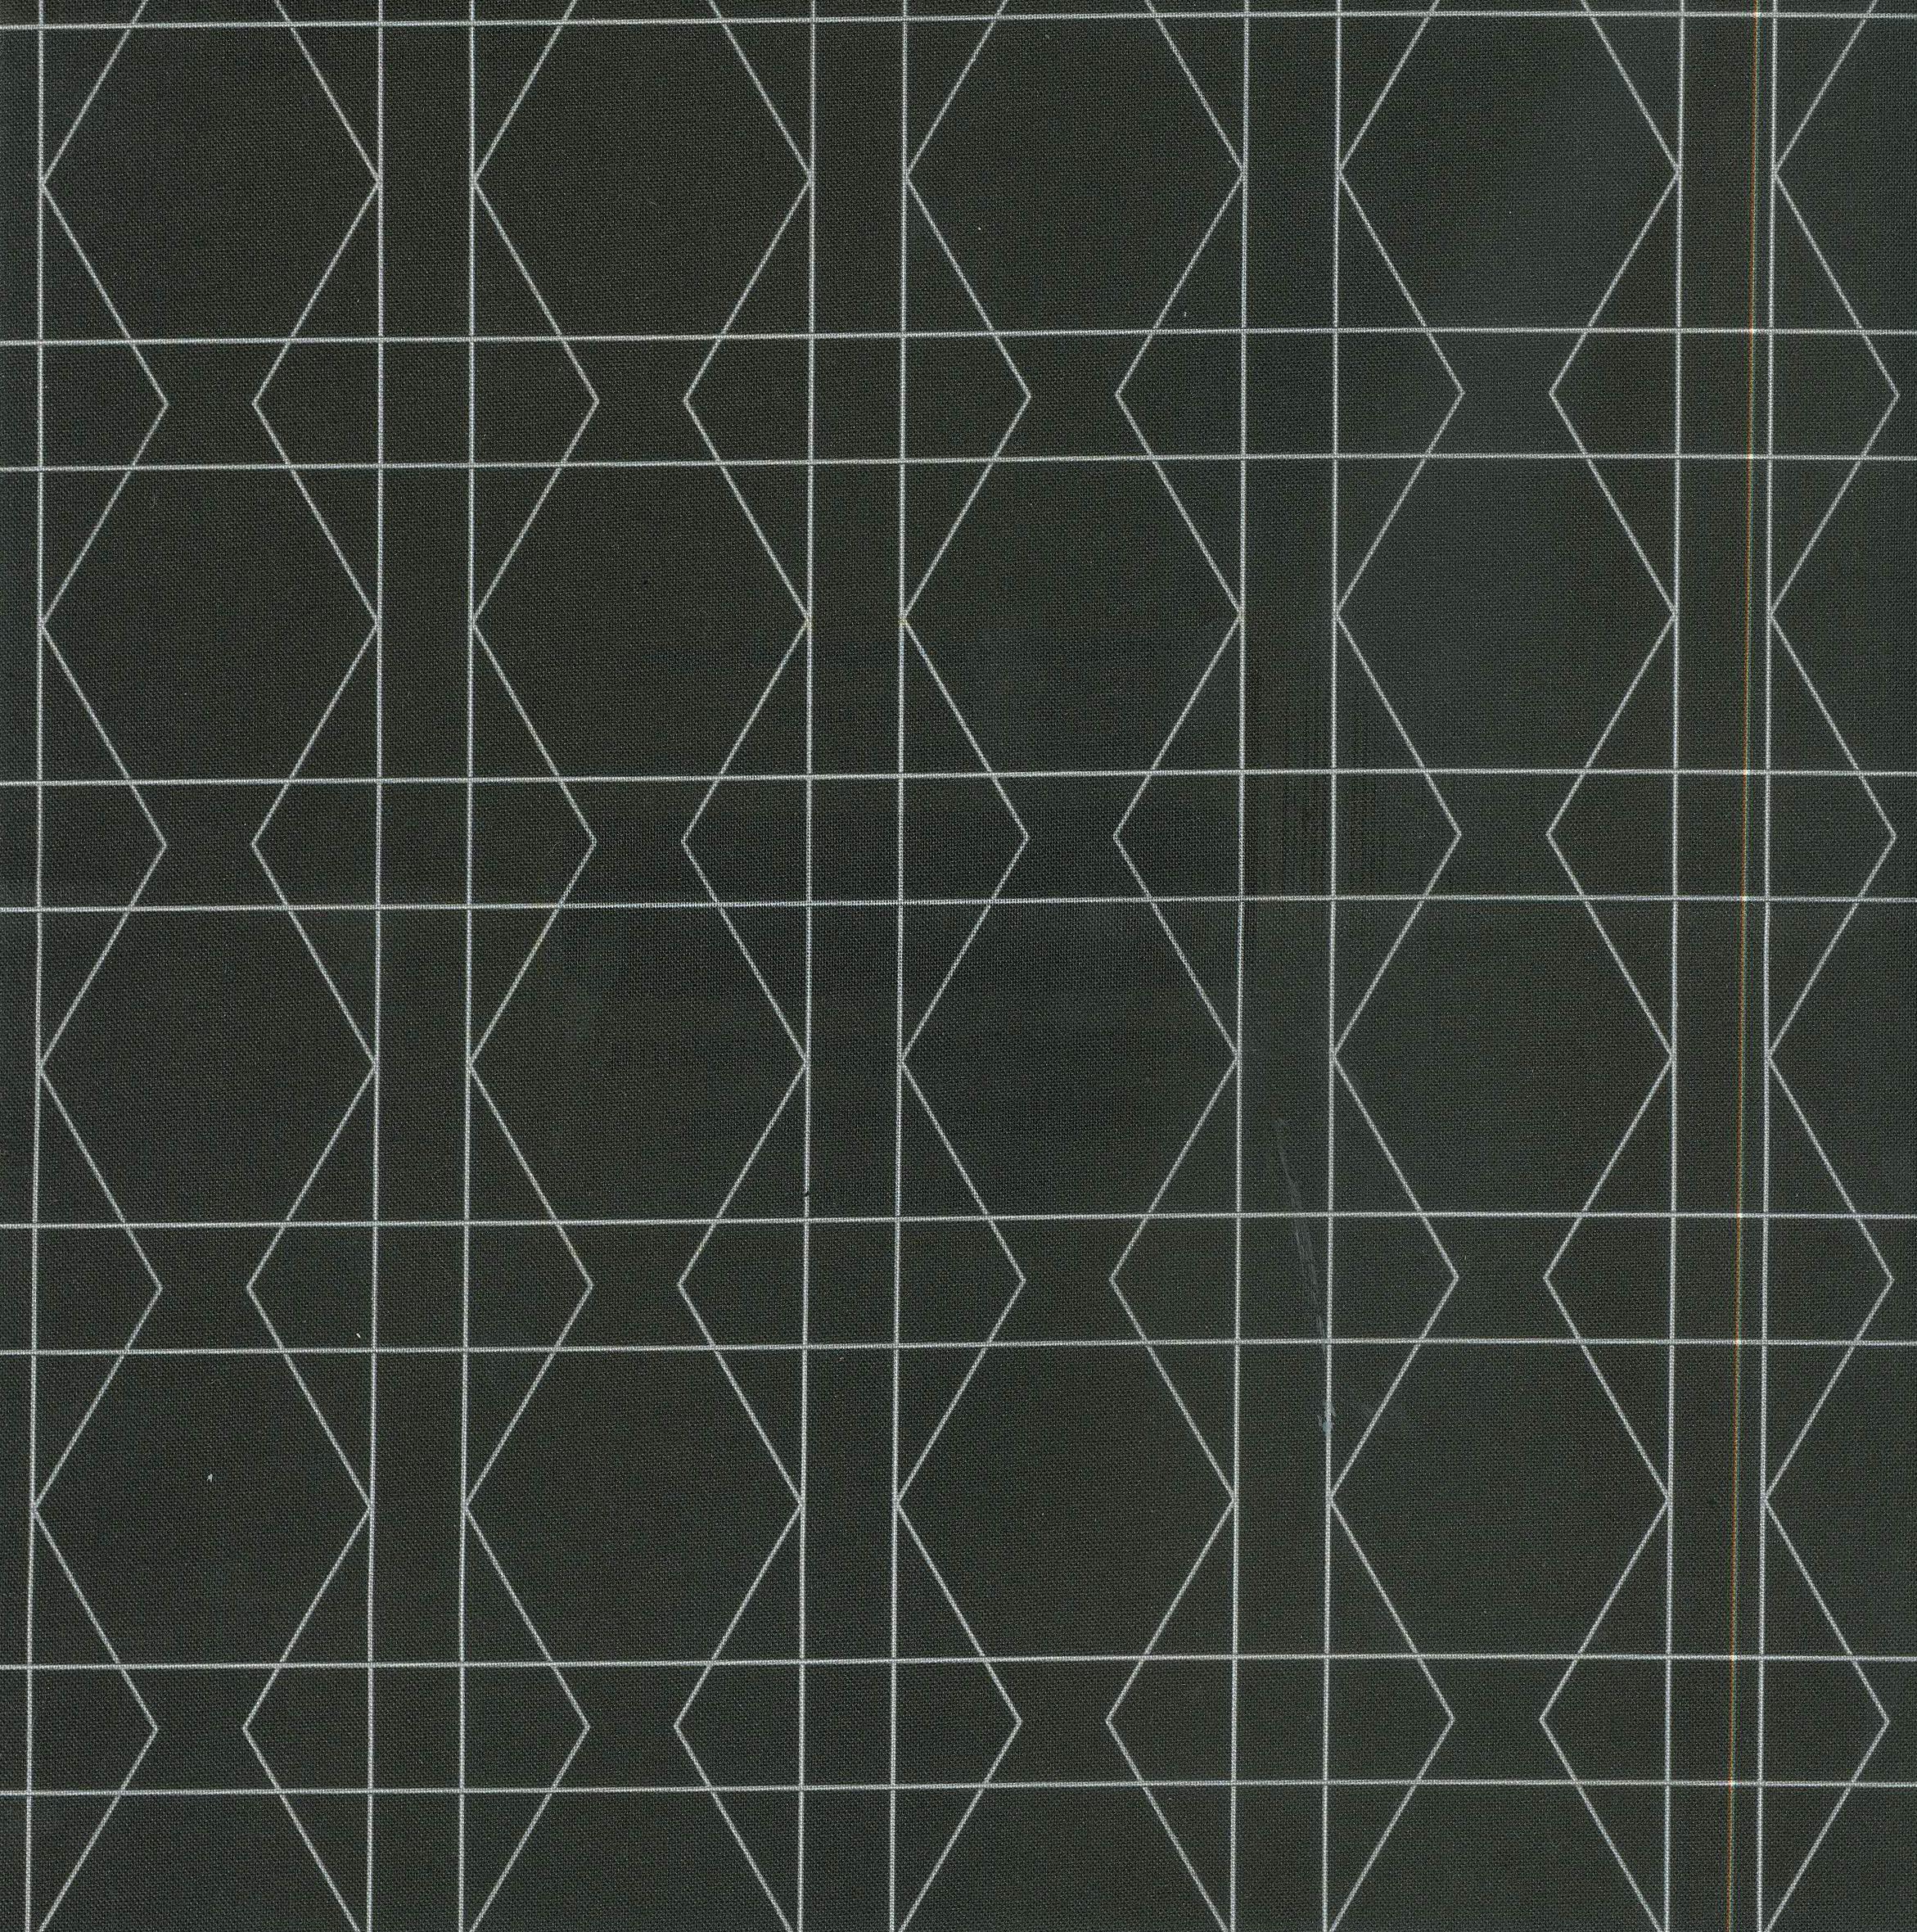 w tri squares b fabric design